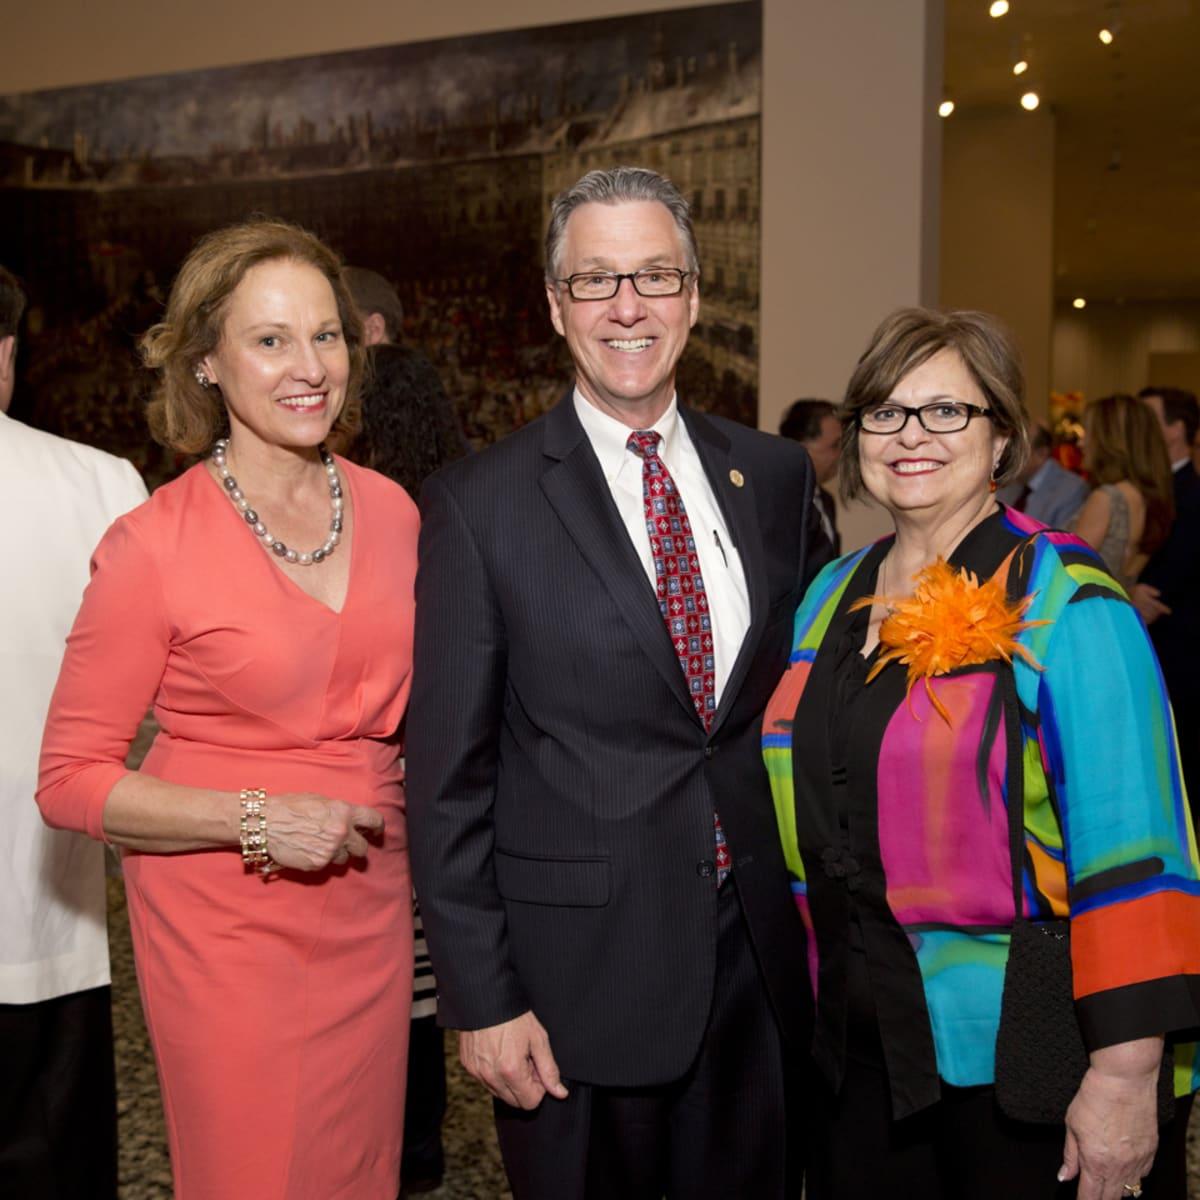 MFAH Habsburg Splendor dinner Minnette Boesel; Council Member Stephen Costello; Debbie Costello